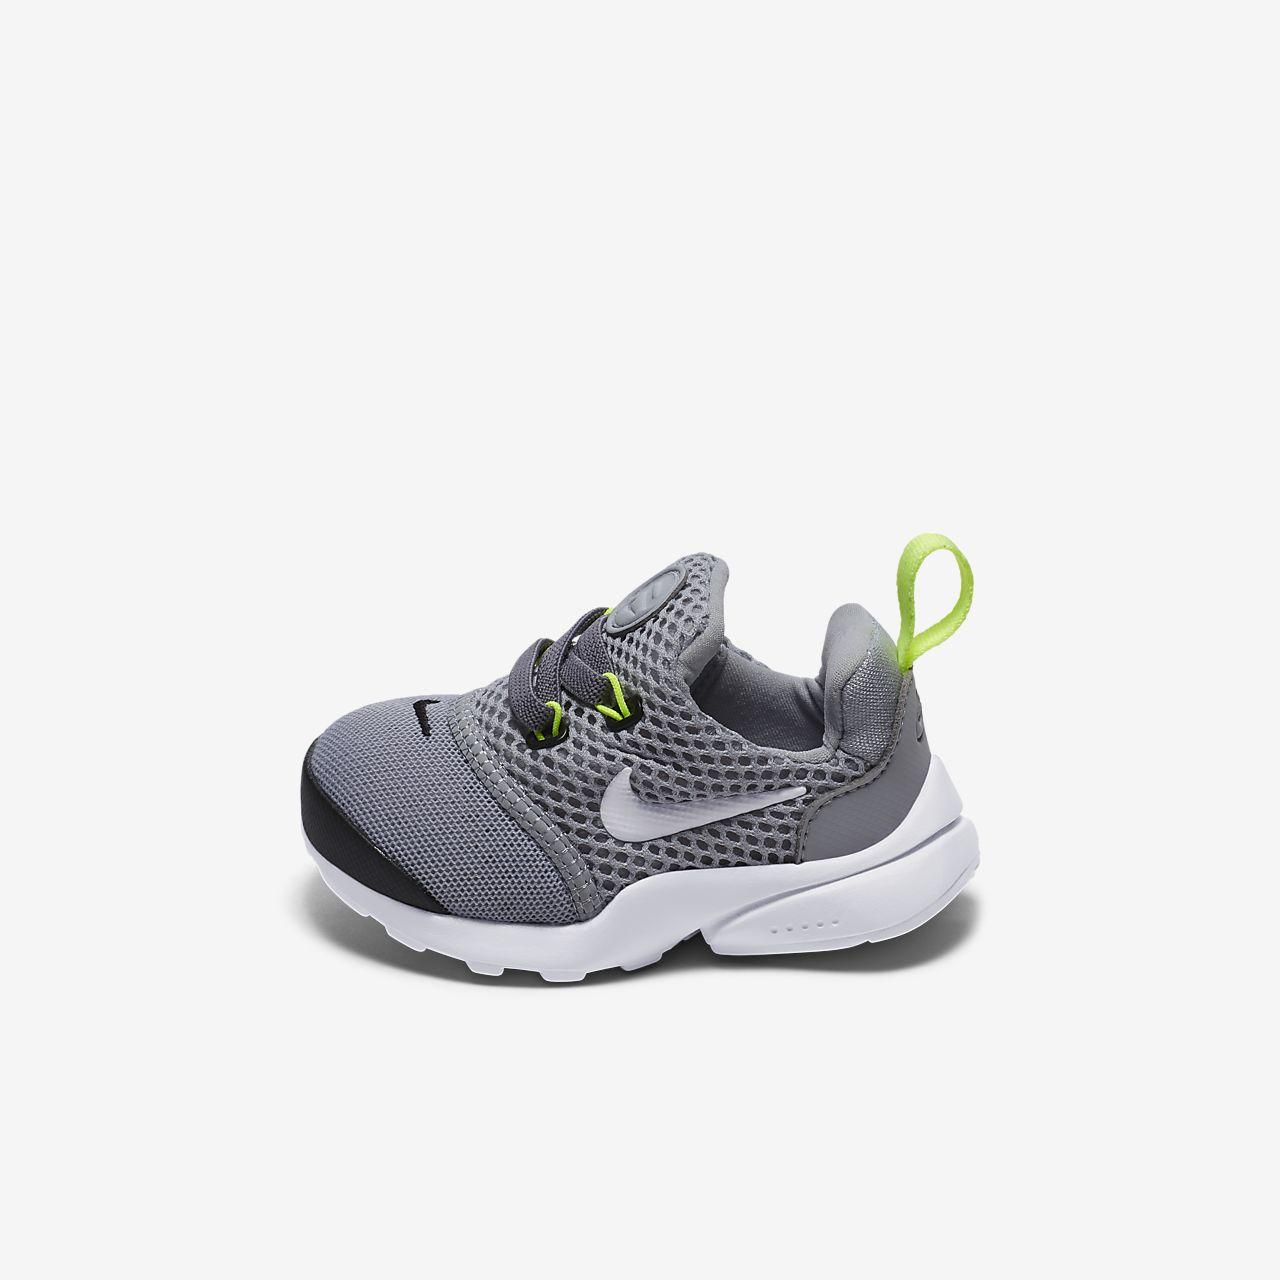 ... Chaussure Nike Presto Fly pour Bébé/Petit enfant